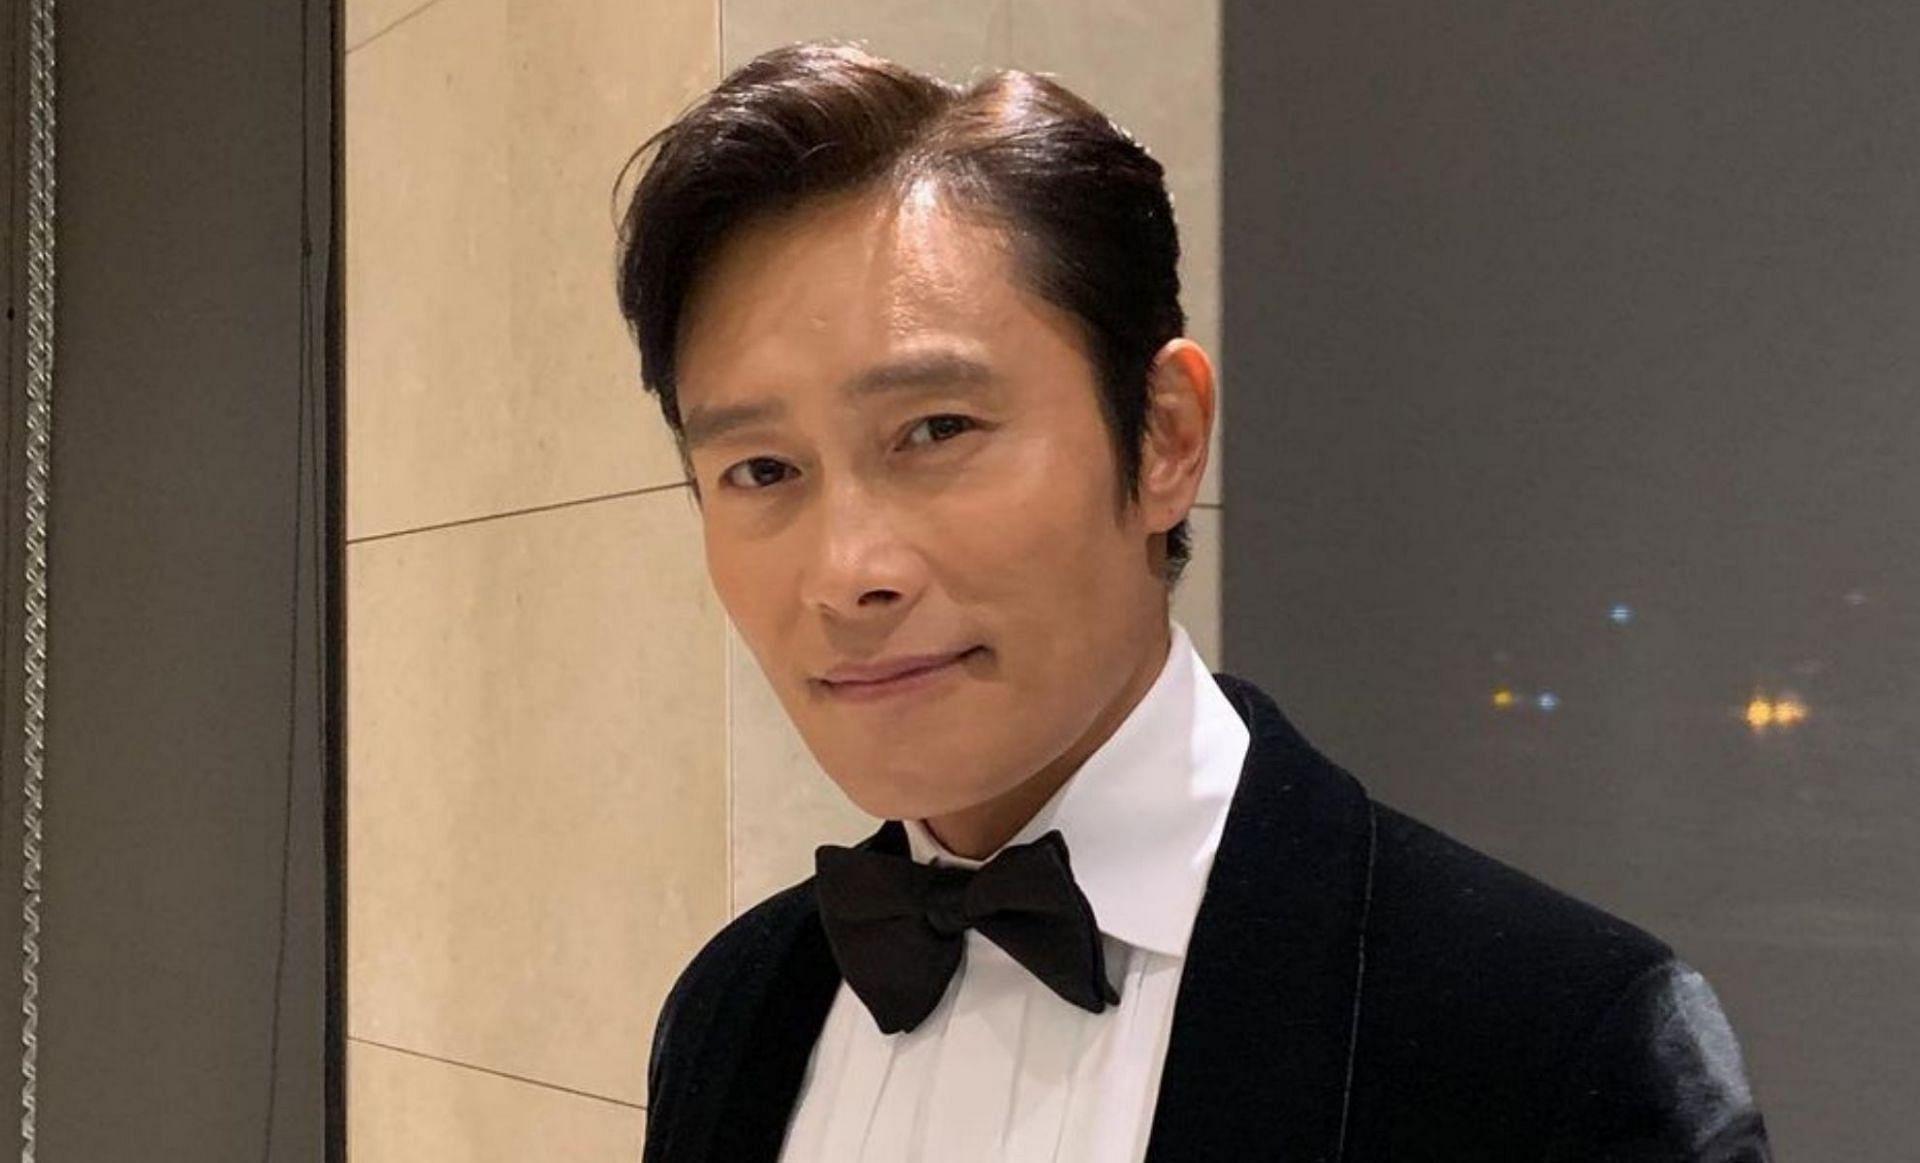 Squid Game actor Lee Byung Hun (Image via Instagram/@byunghun0712)